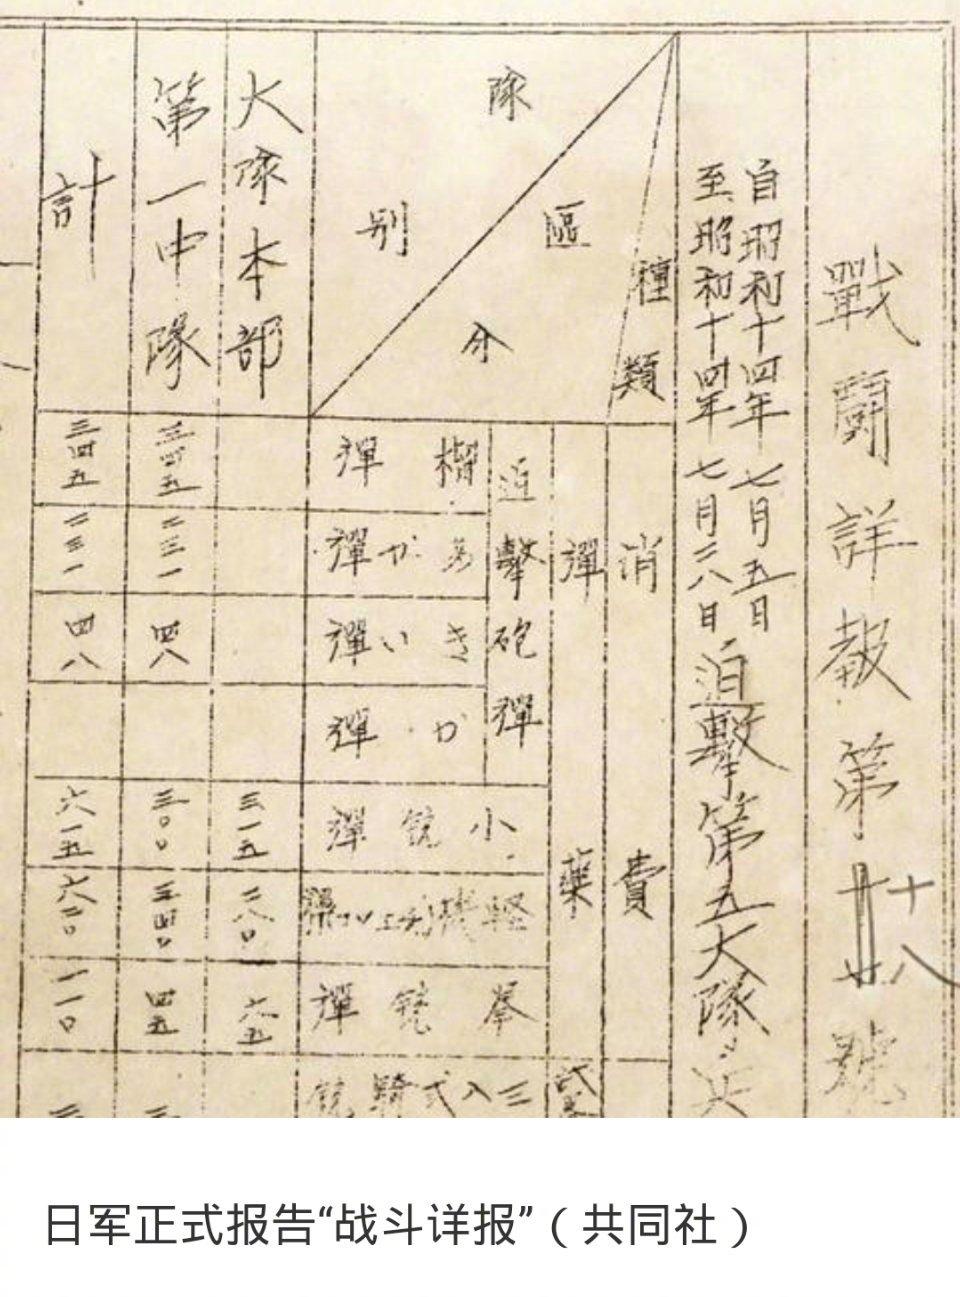 侵华日军毒气铁证是怎么回事-侵华日军毒气铁证详情介绍